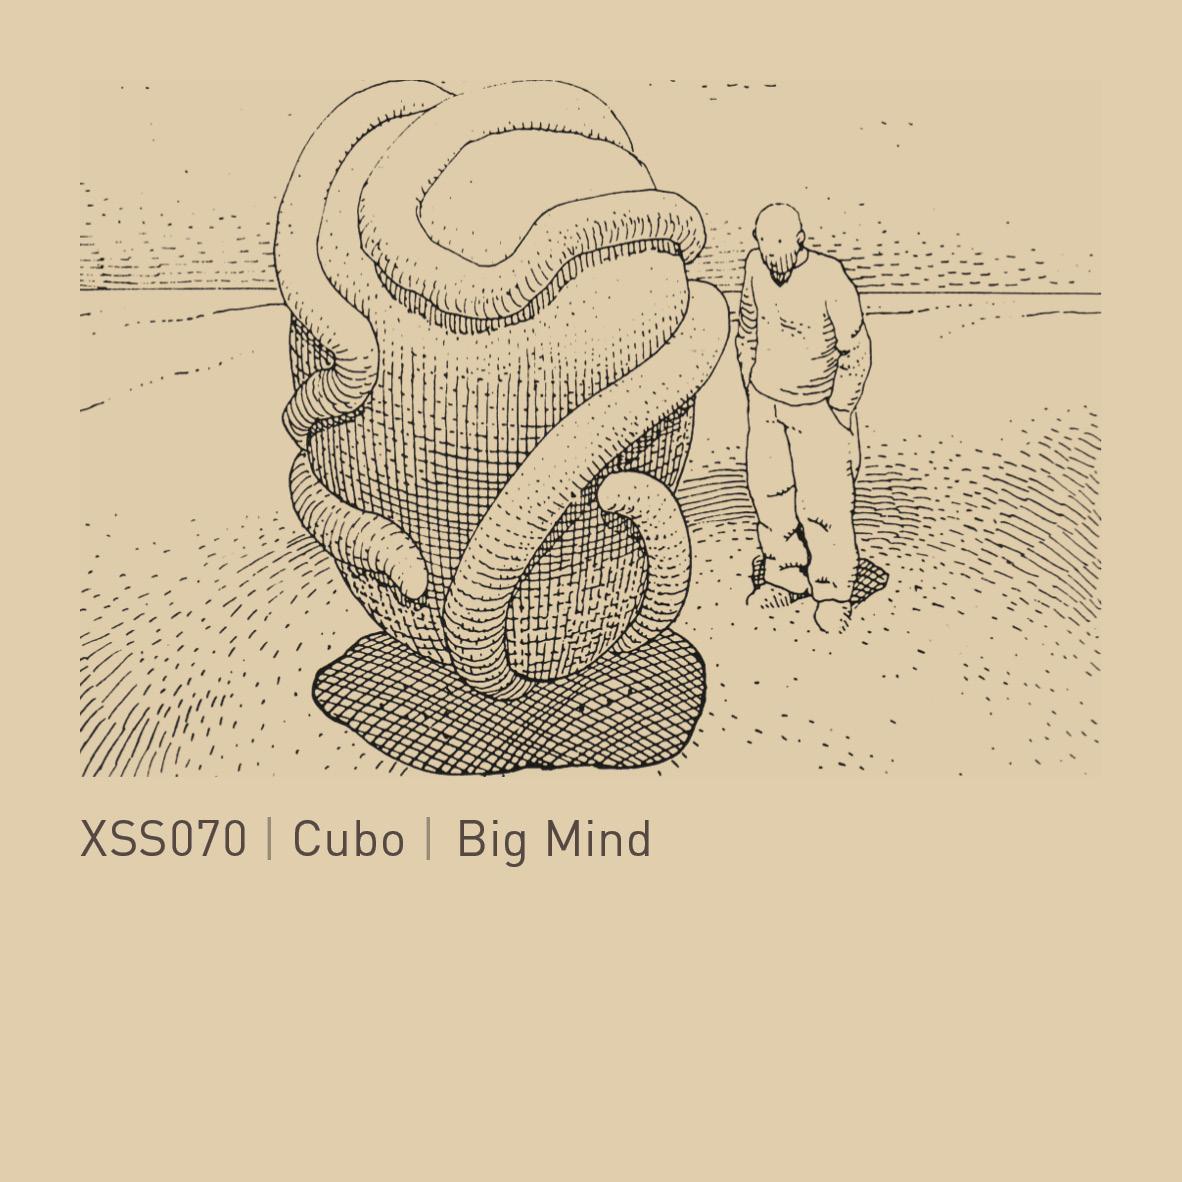 XSS070  |  Cubo  |  Big  Mind